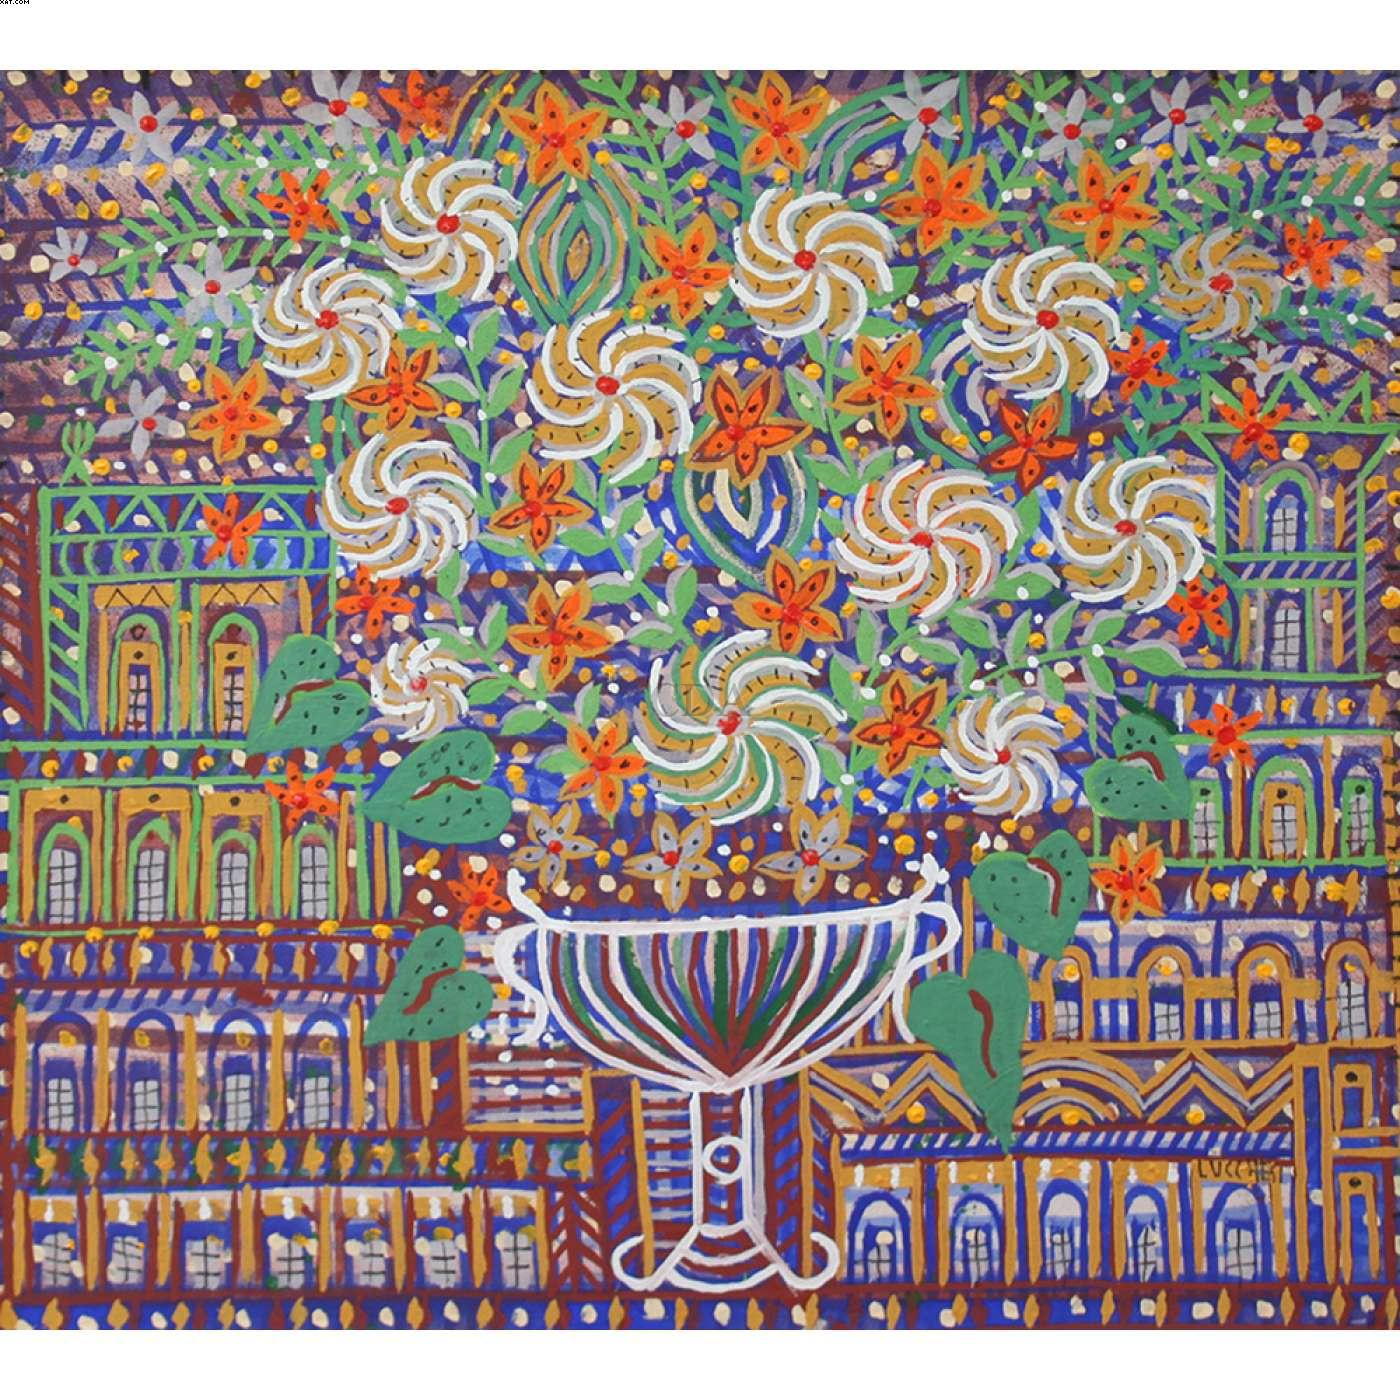 Flores para Guignard - Lucchesi - Fernando Lucchesi